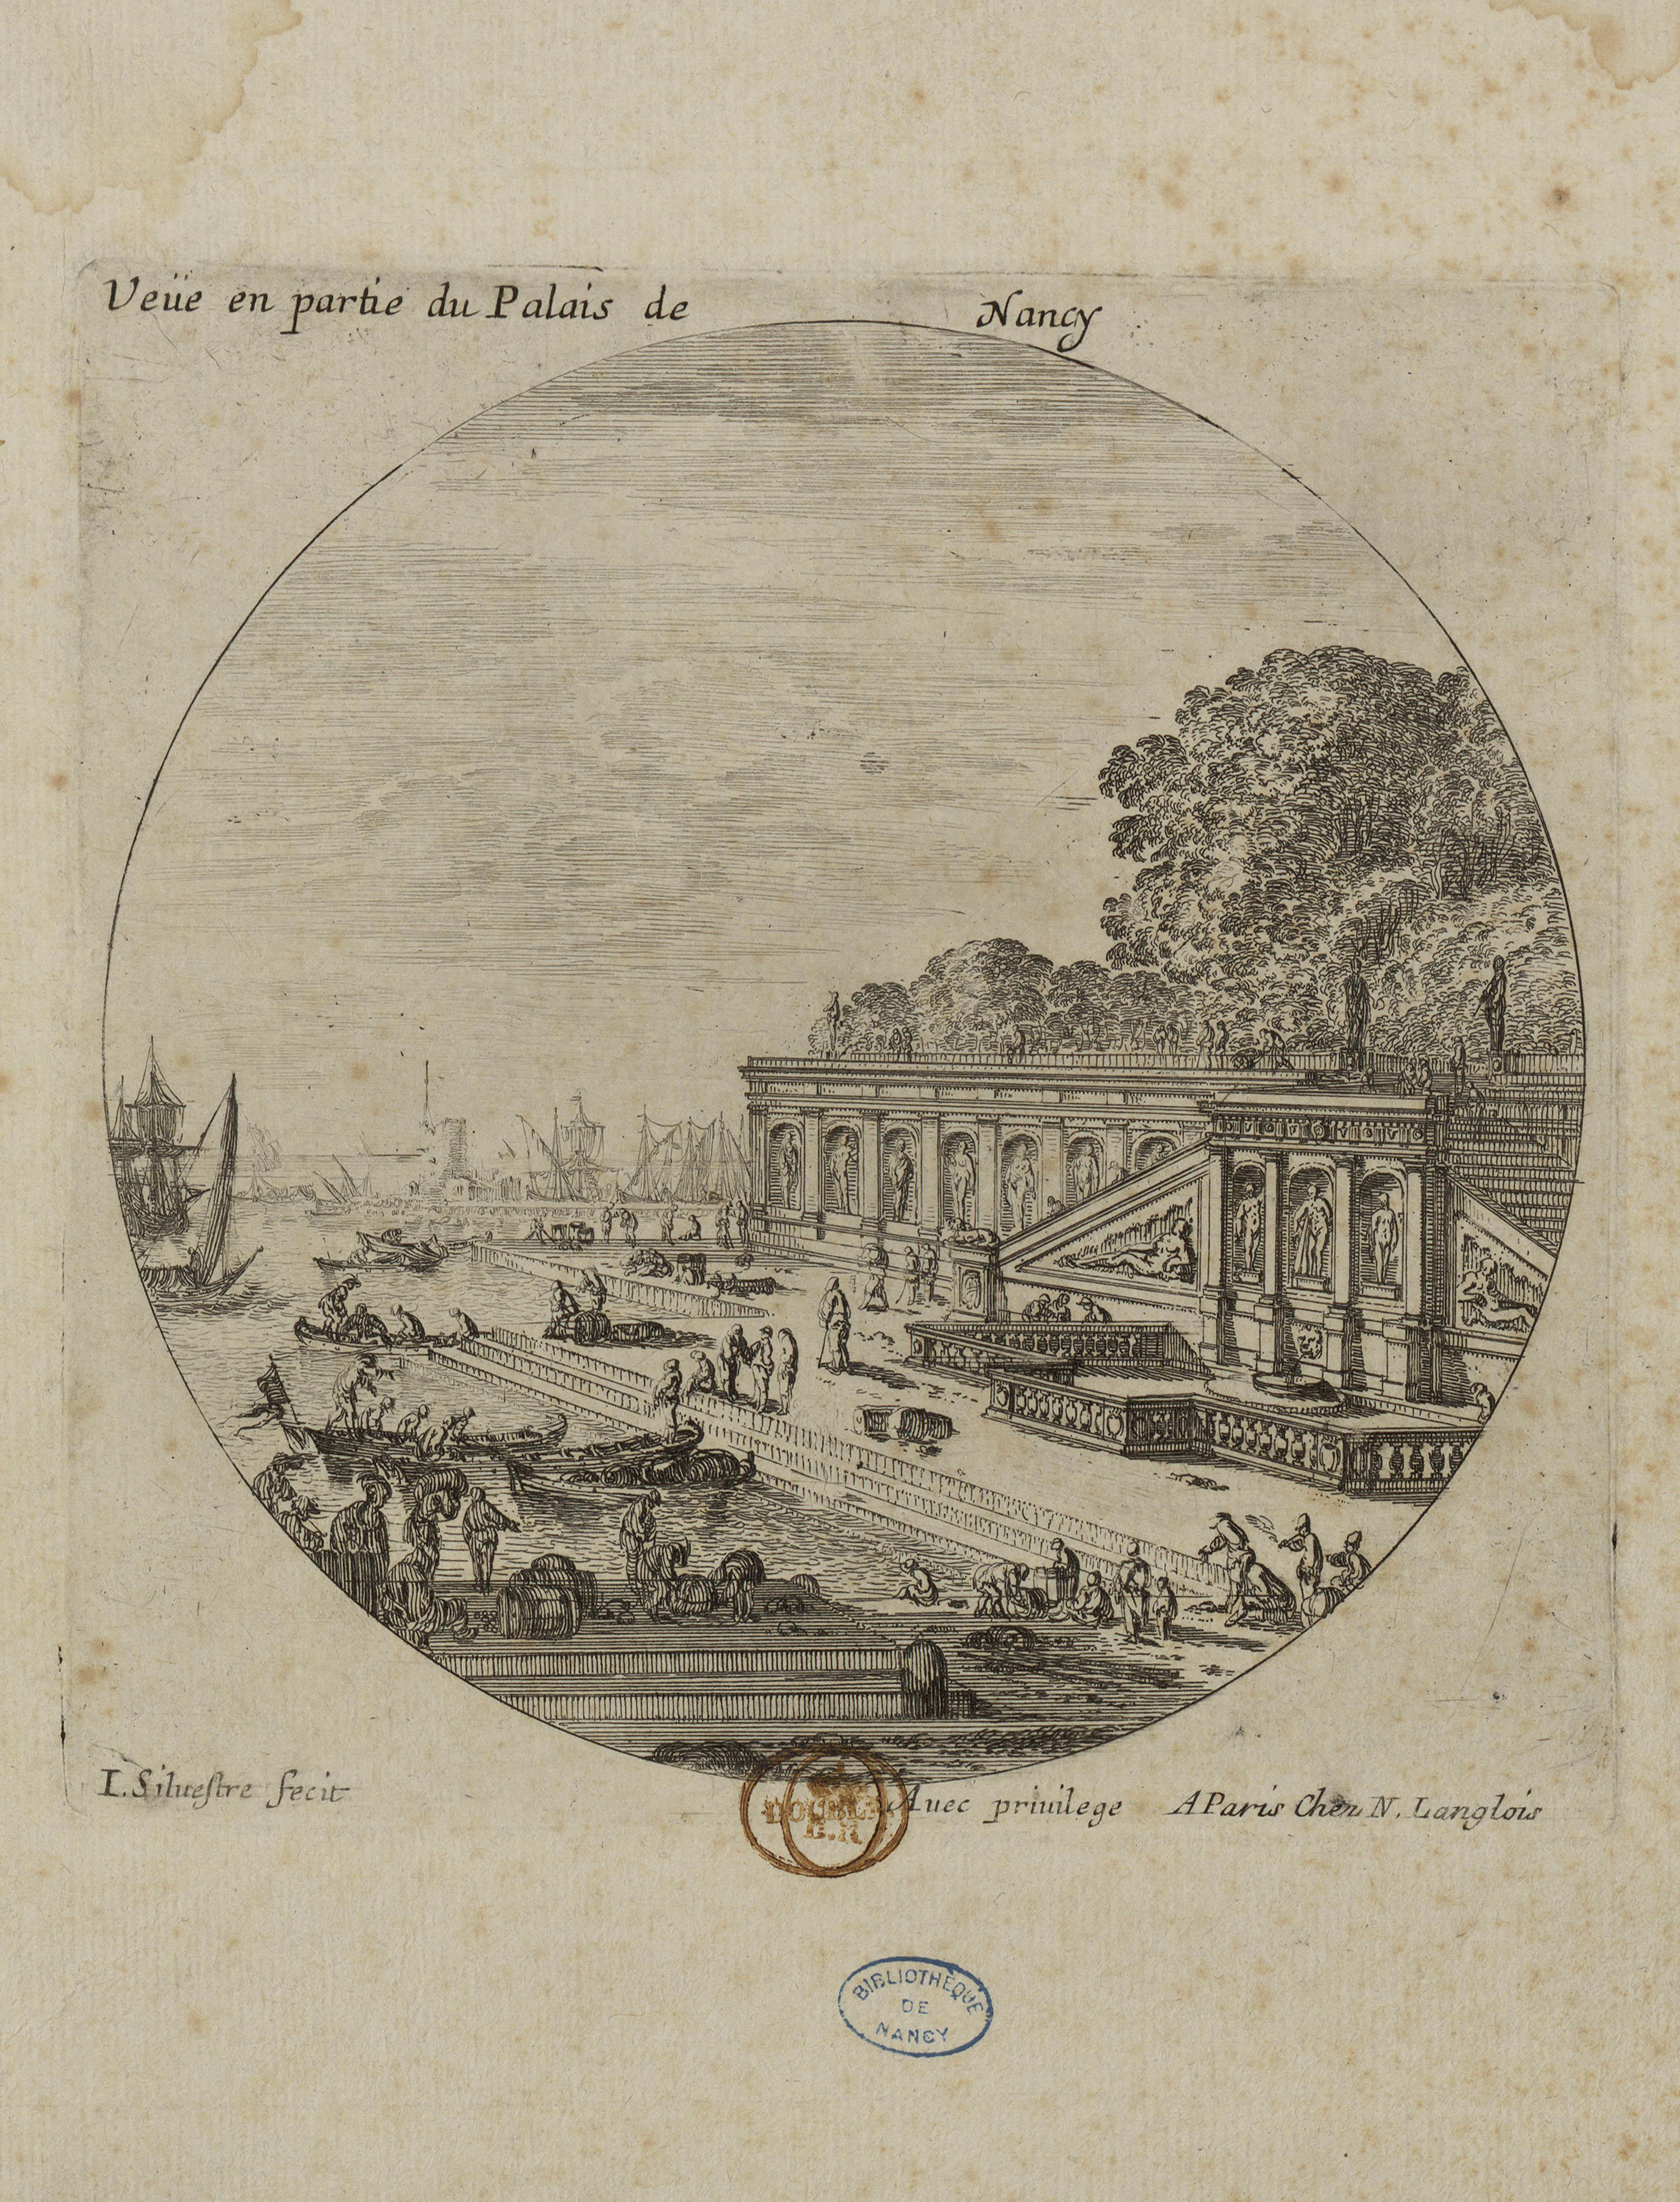 Contenu du Veüe en partie du Palais de Nancy